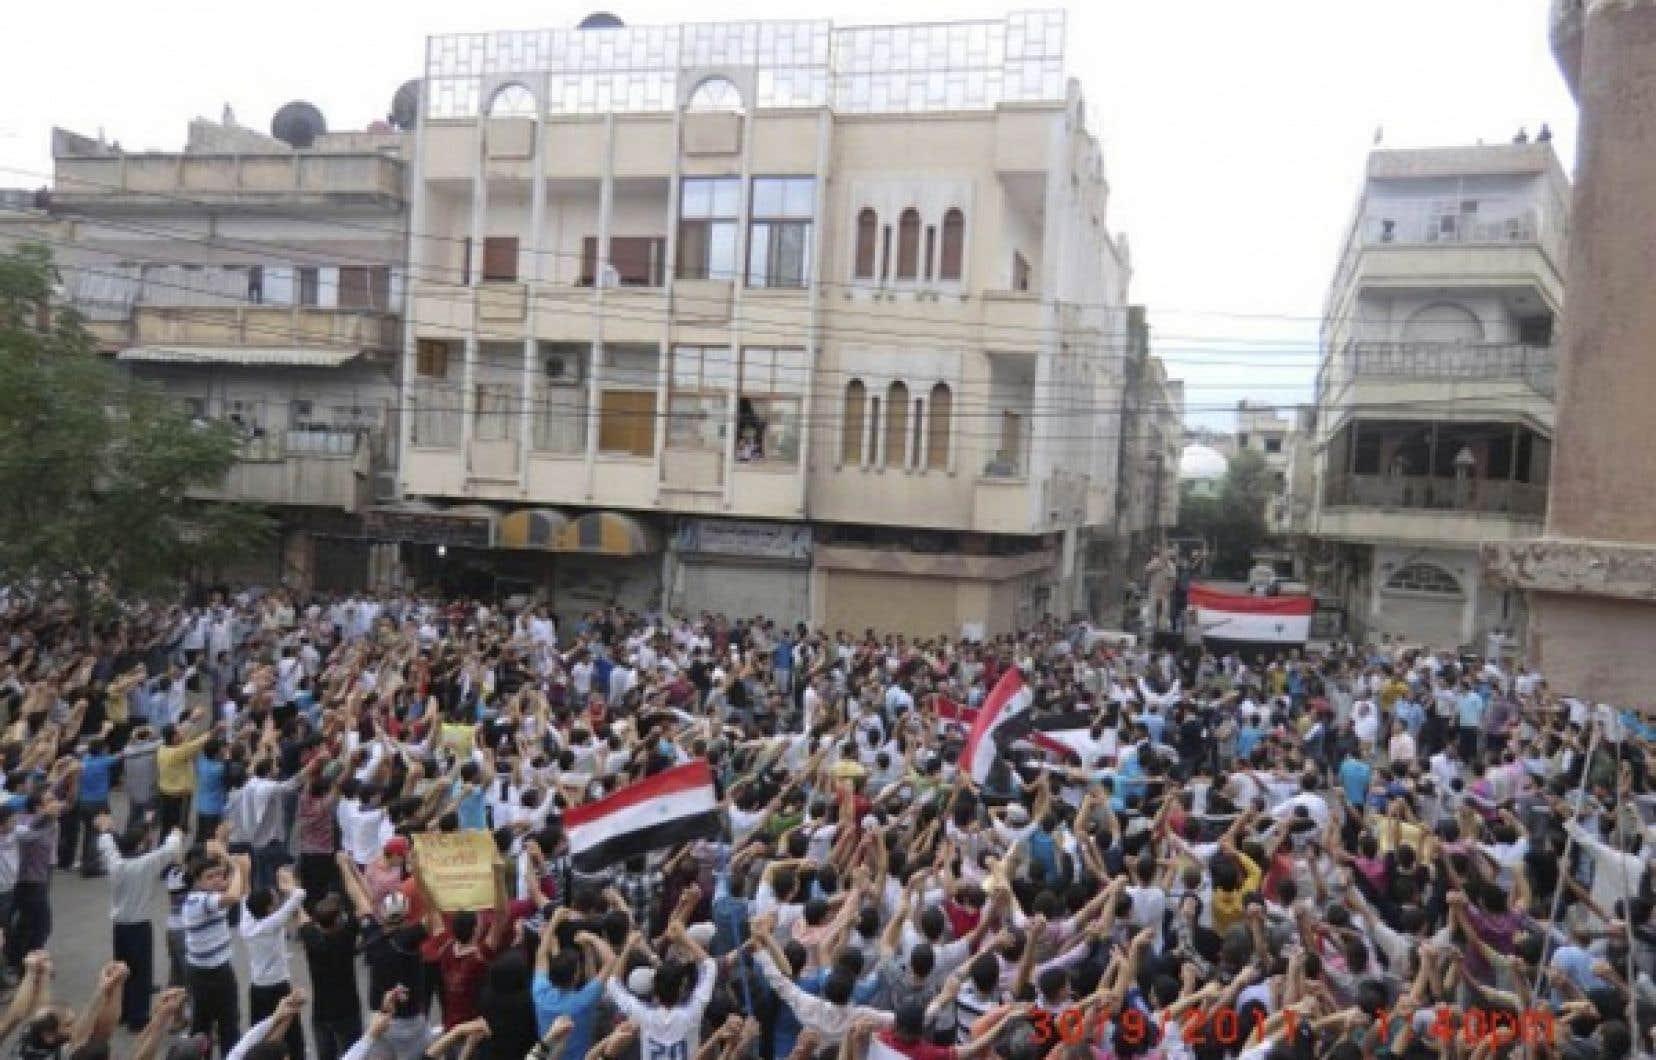 Selon Amnistie internationale, qui parle dans son communiqué d'une «campagne systématique, et parfois violente», certains proches des 30 militants interrogés ont «fait l'objet de manoeuvres de harcèlement, de placements en détention et même d'actes de torture» en Syrie.